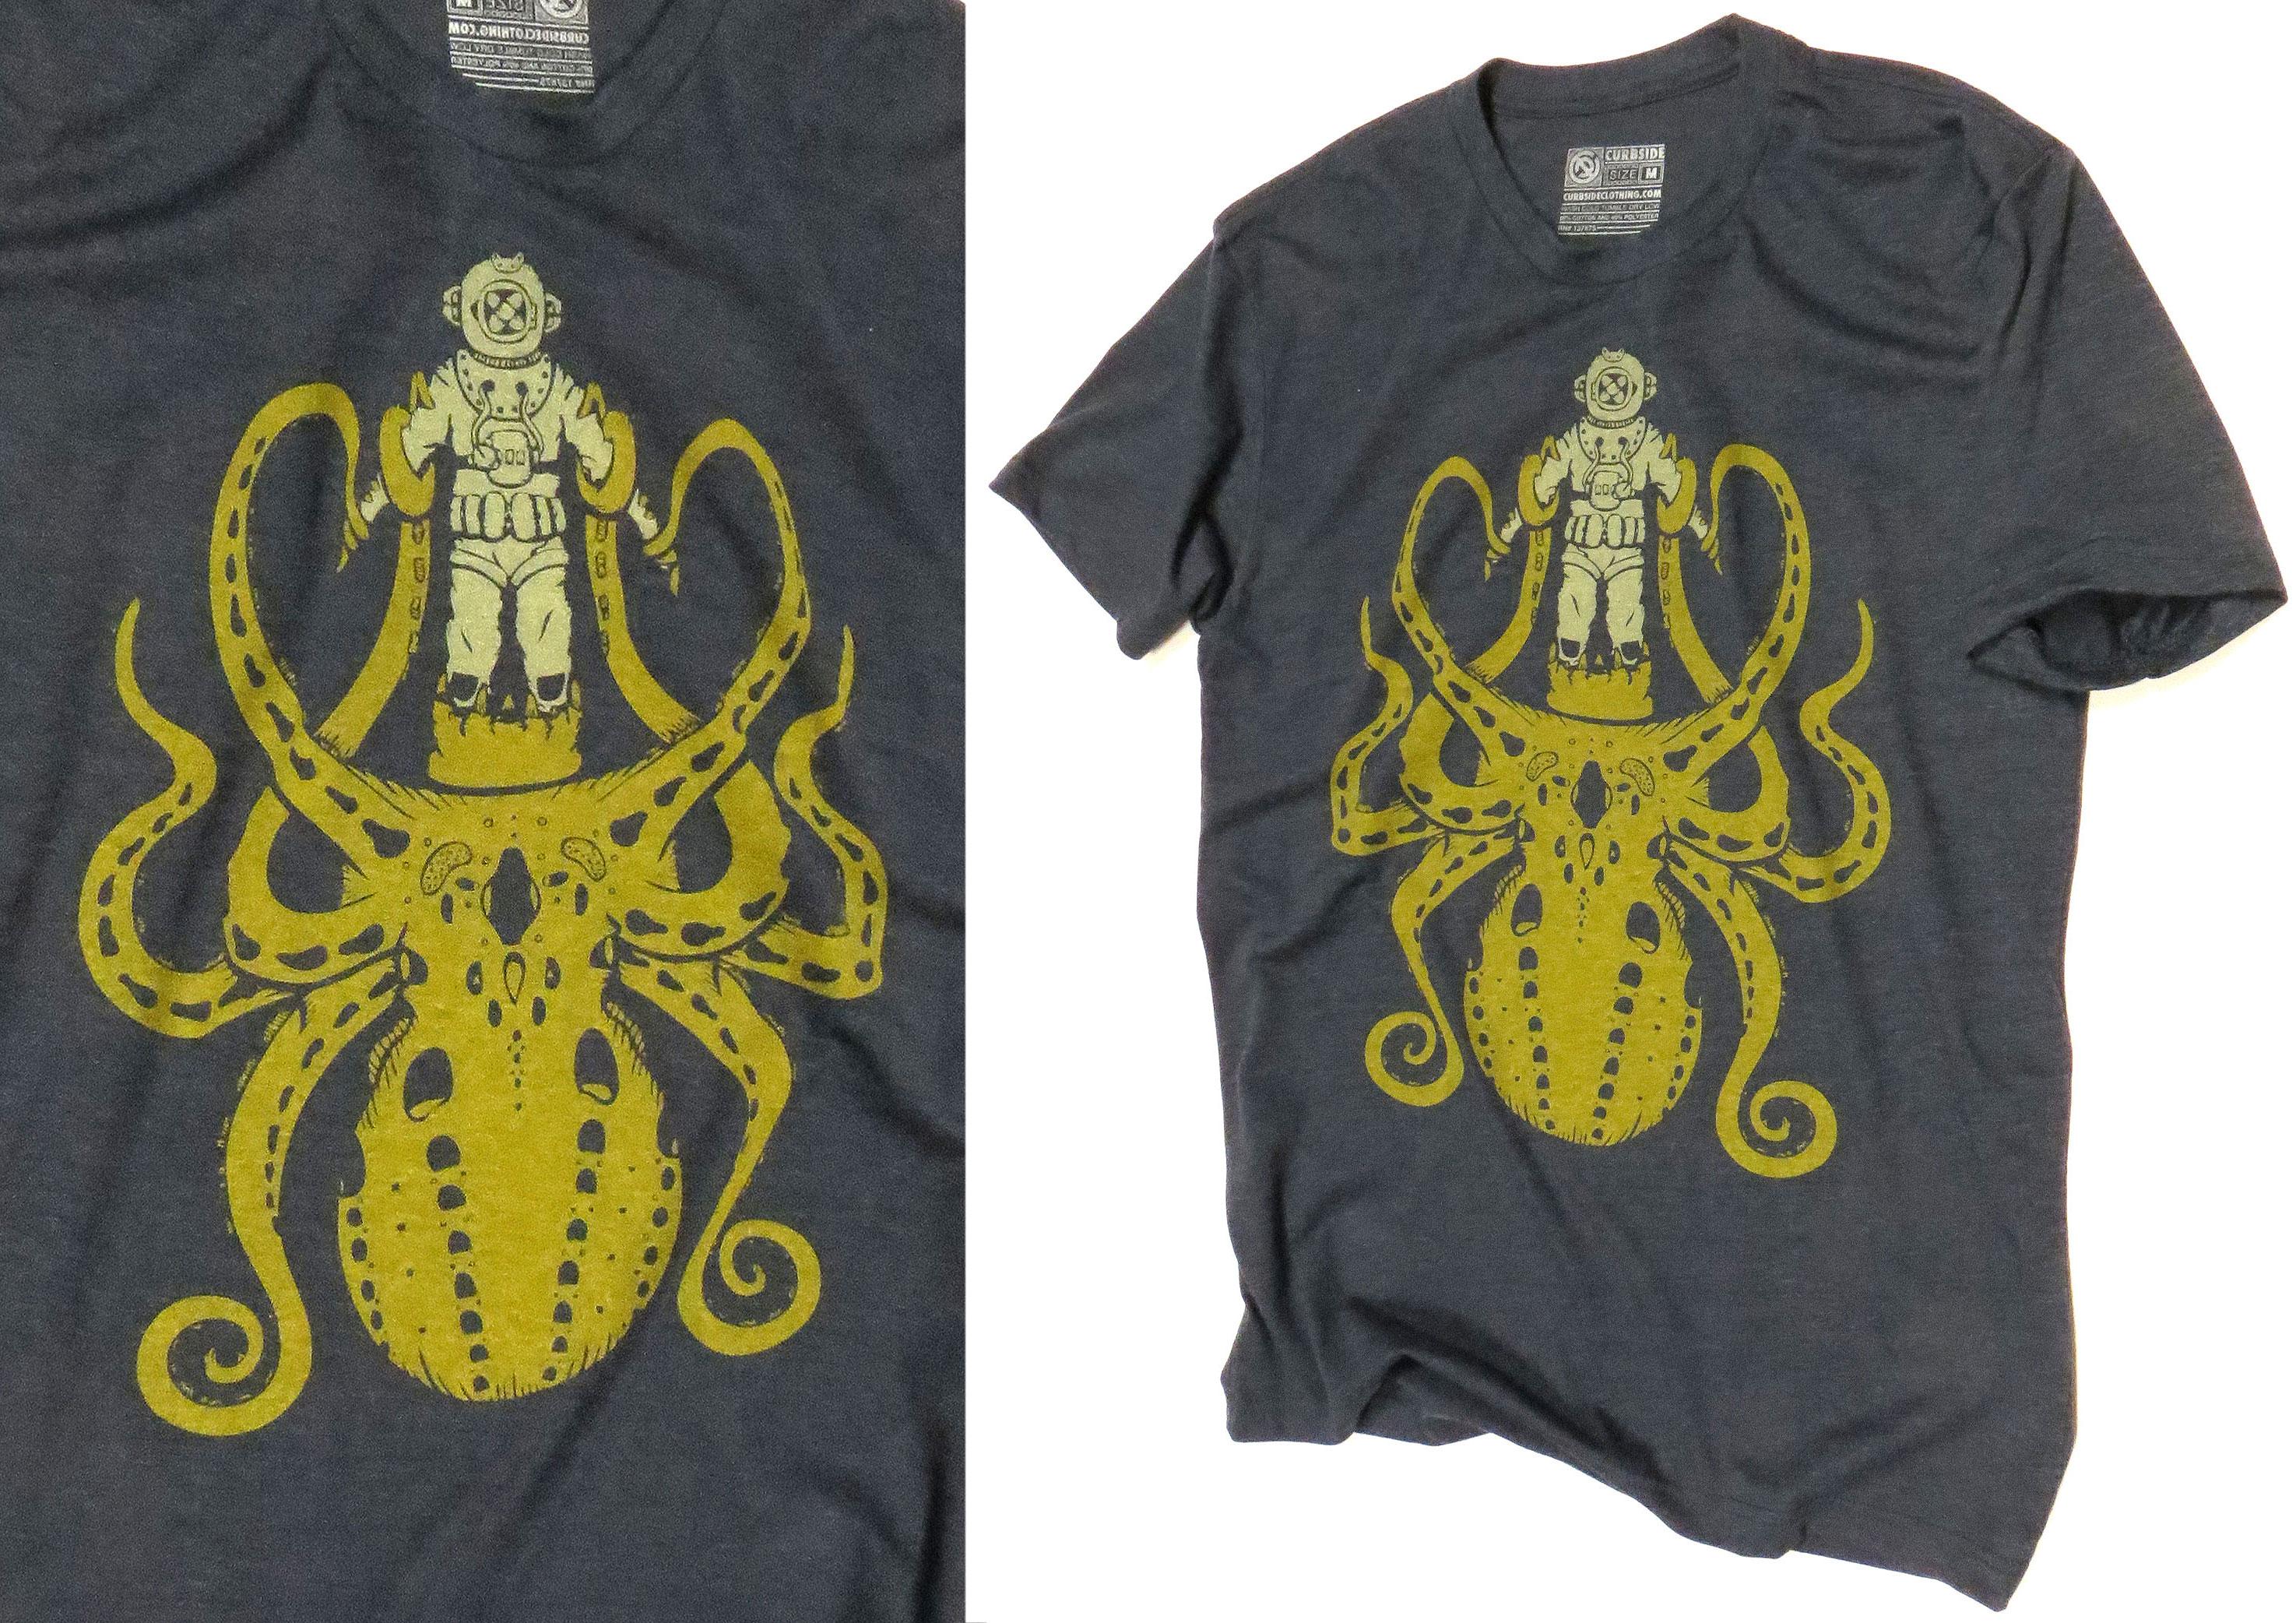 Kraken vs. Diver